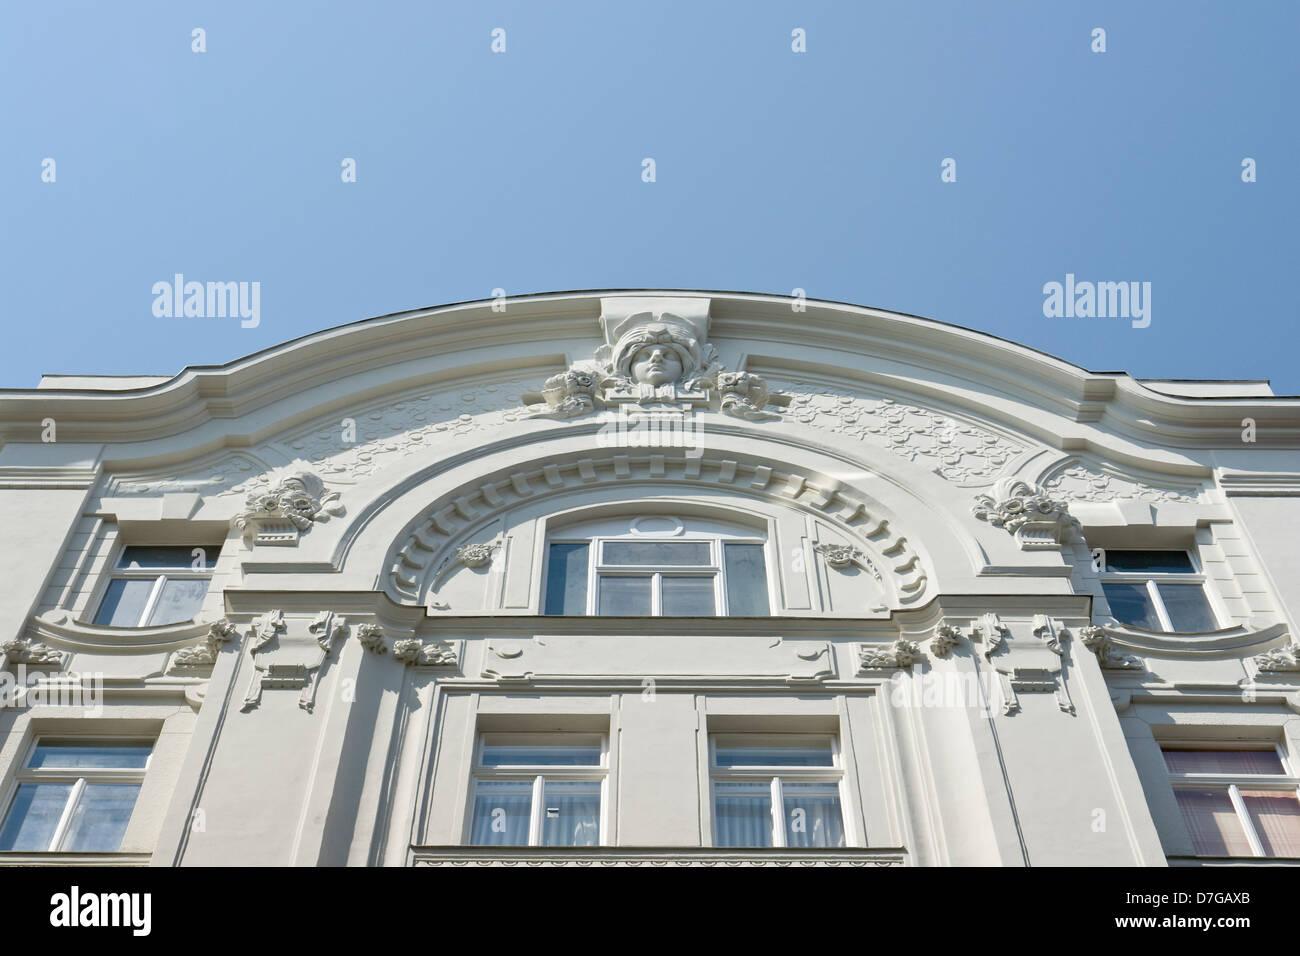 Art Deco Art Nouveau Stock Photos & Art Deco Art Nouveau Stock ...